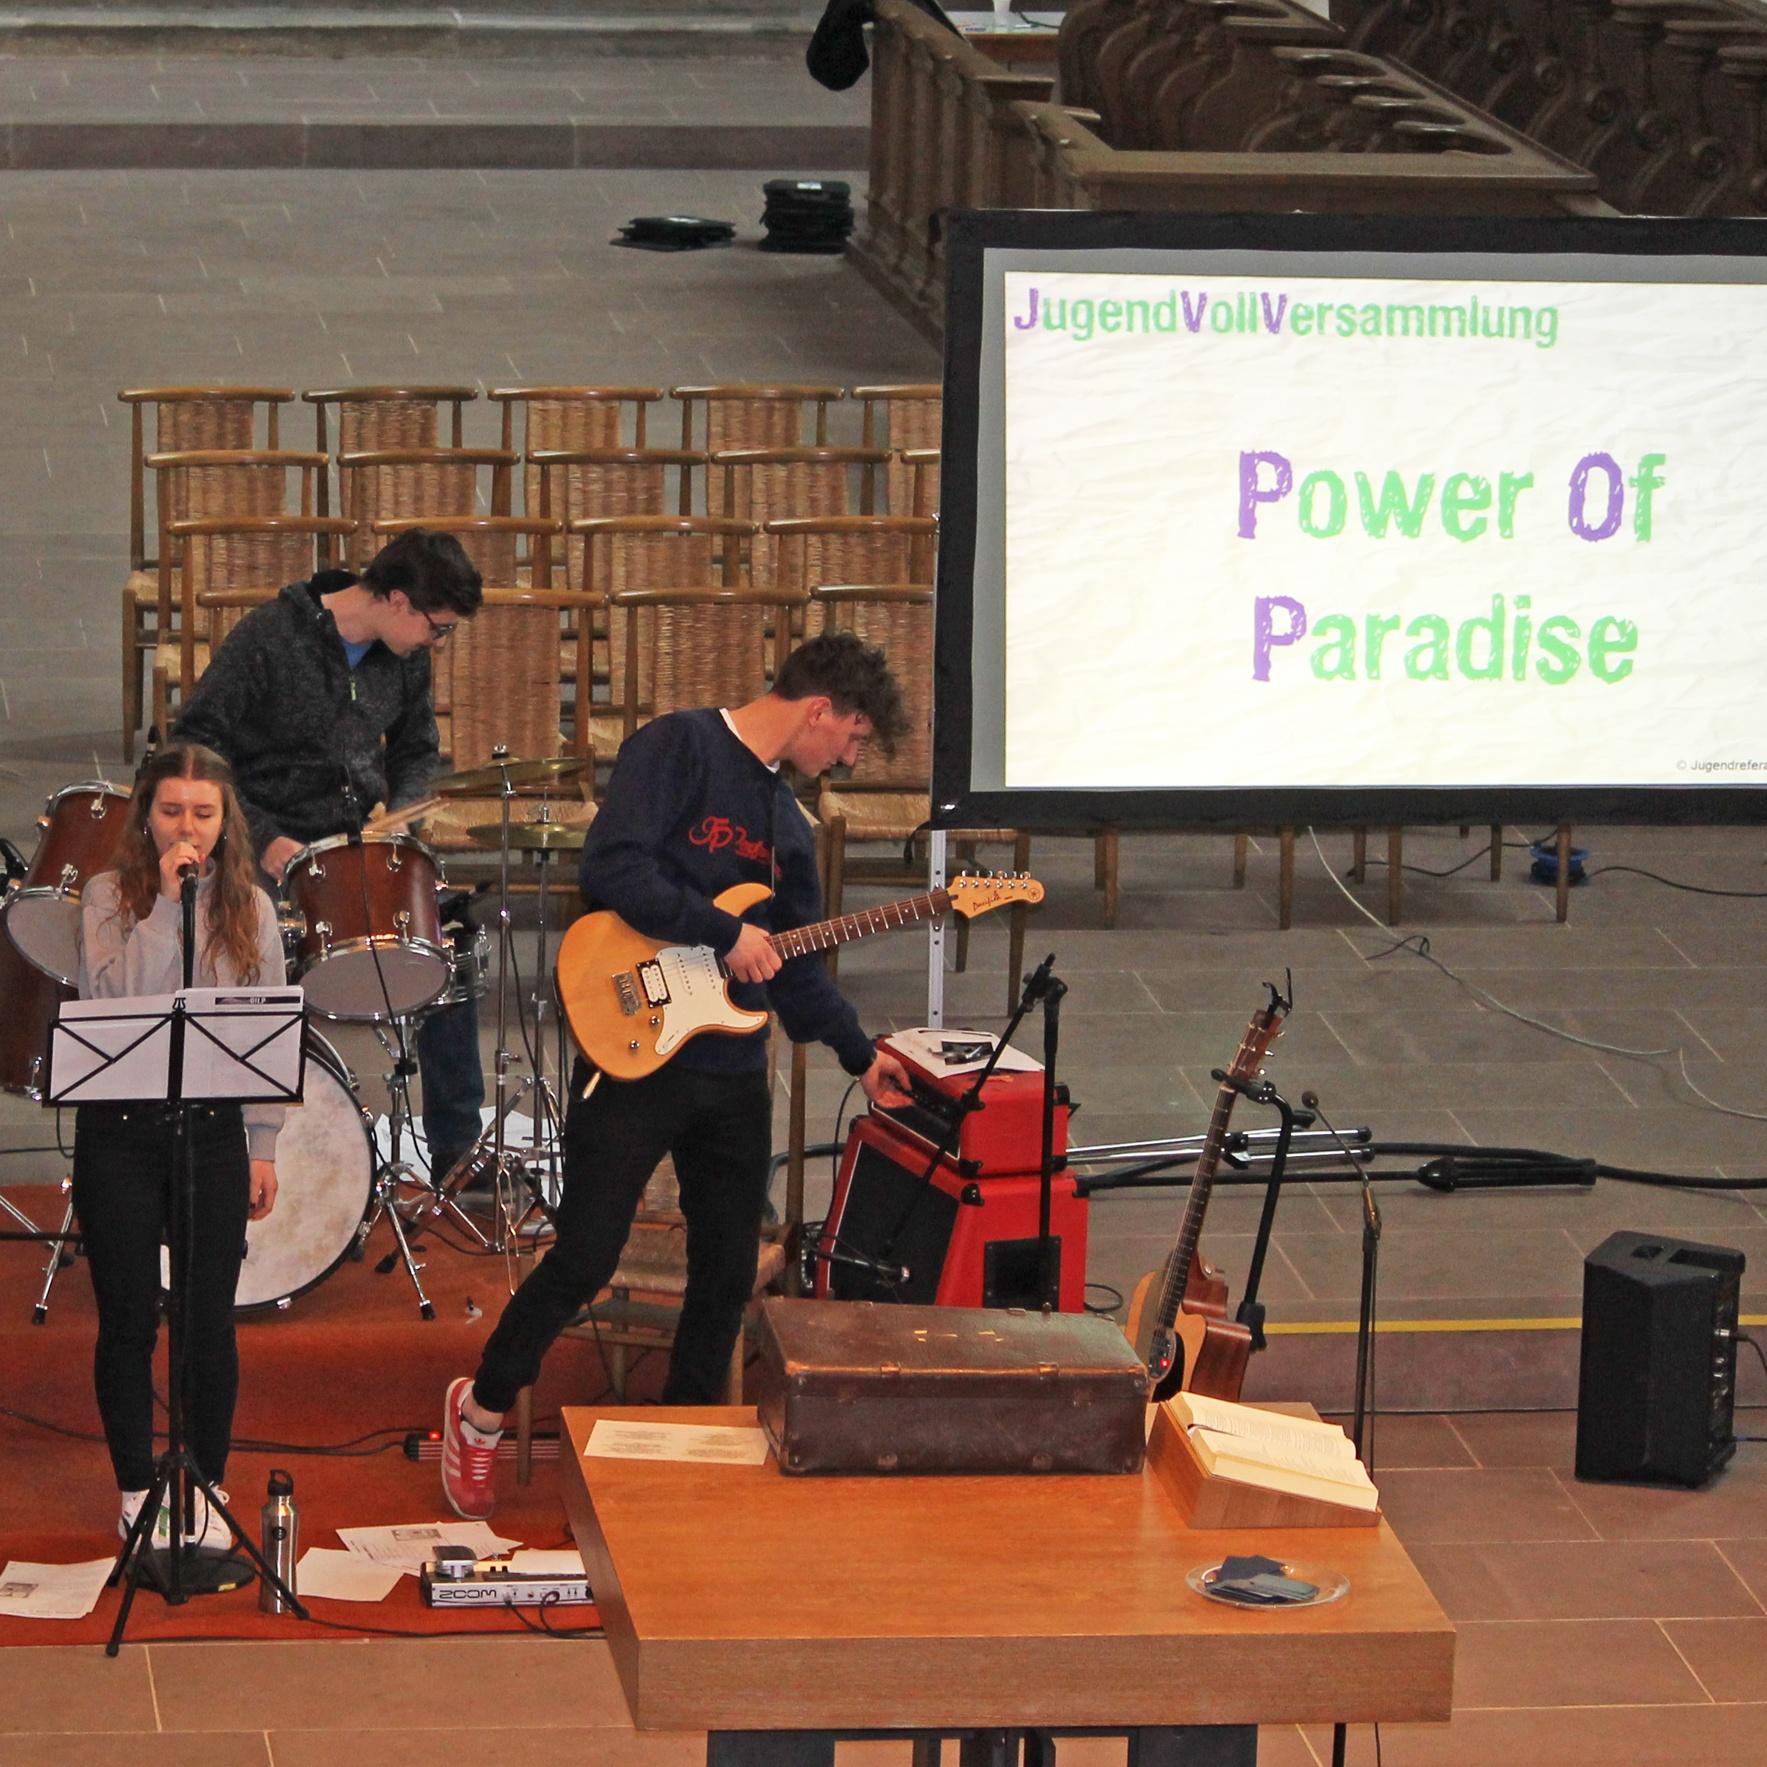 Nicht zuletzt die Musik der Band Power of Paradise sorgte für gute Stimmung bei der 10. Jugendvollversammlung in der Kirche Maria im Weinberg. FOTO: EV. JUGEND